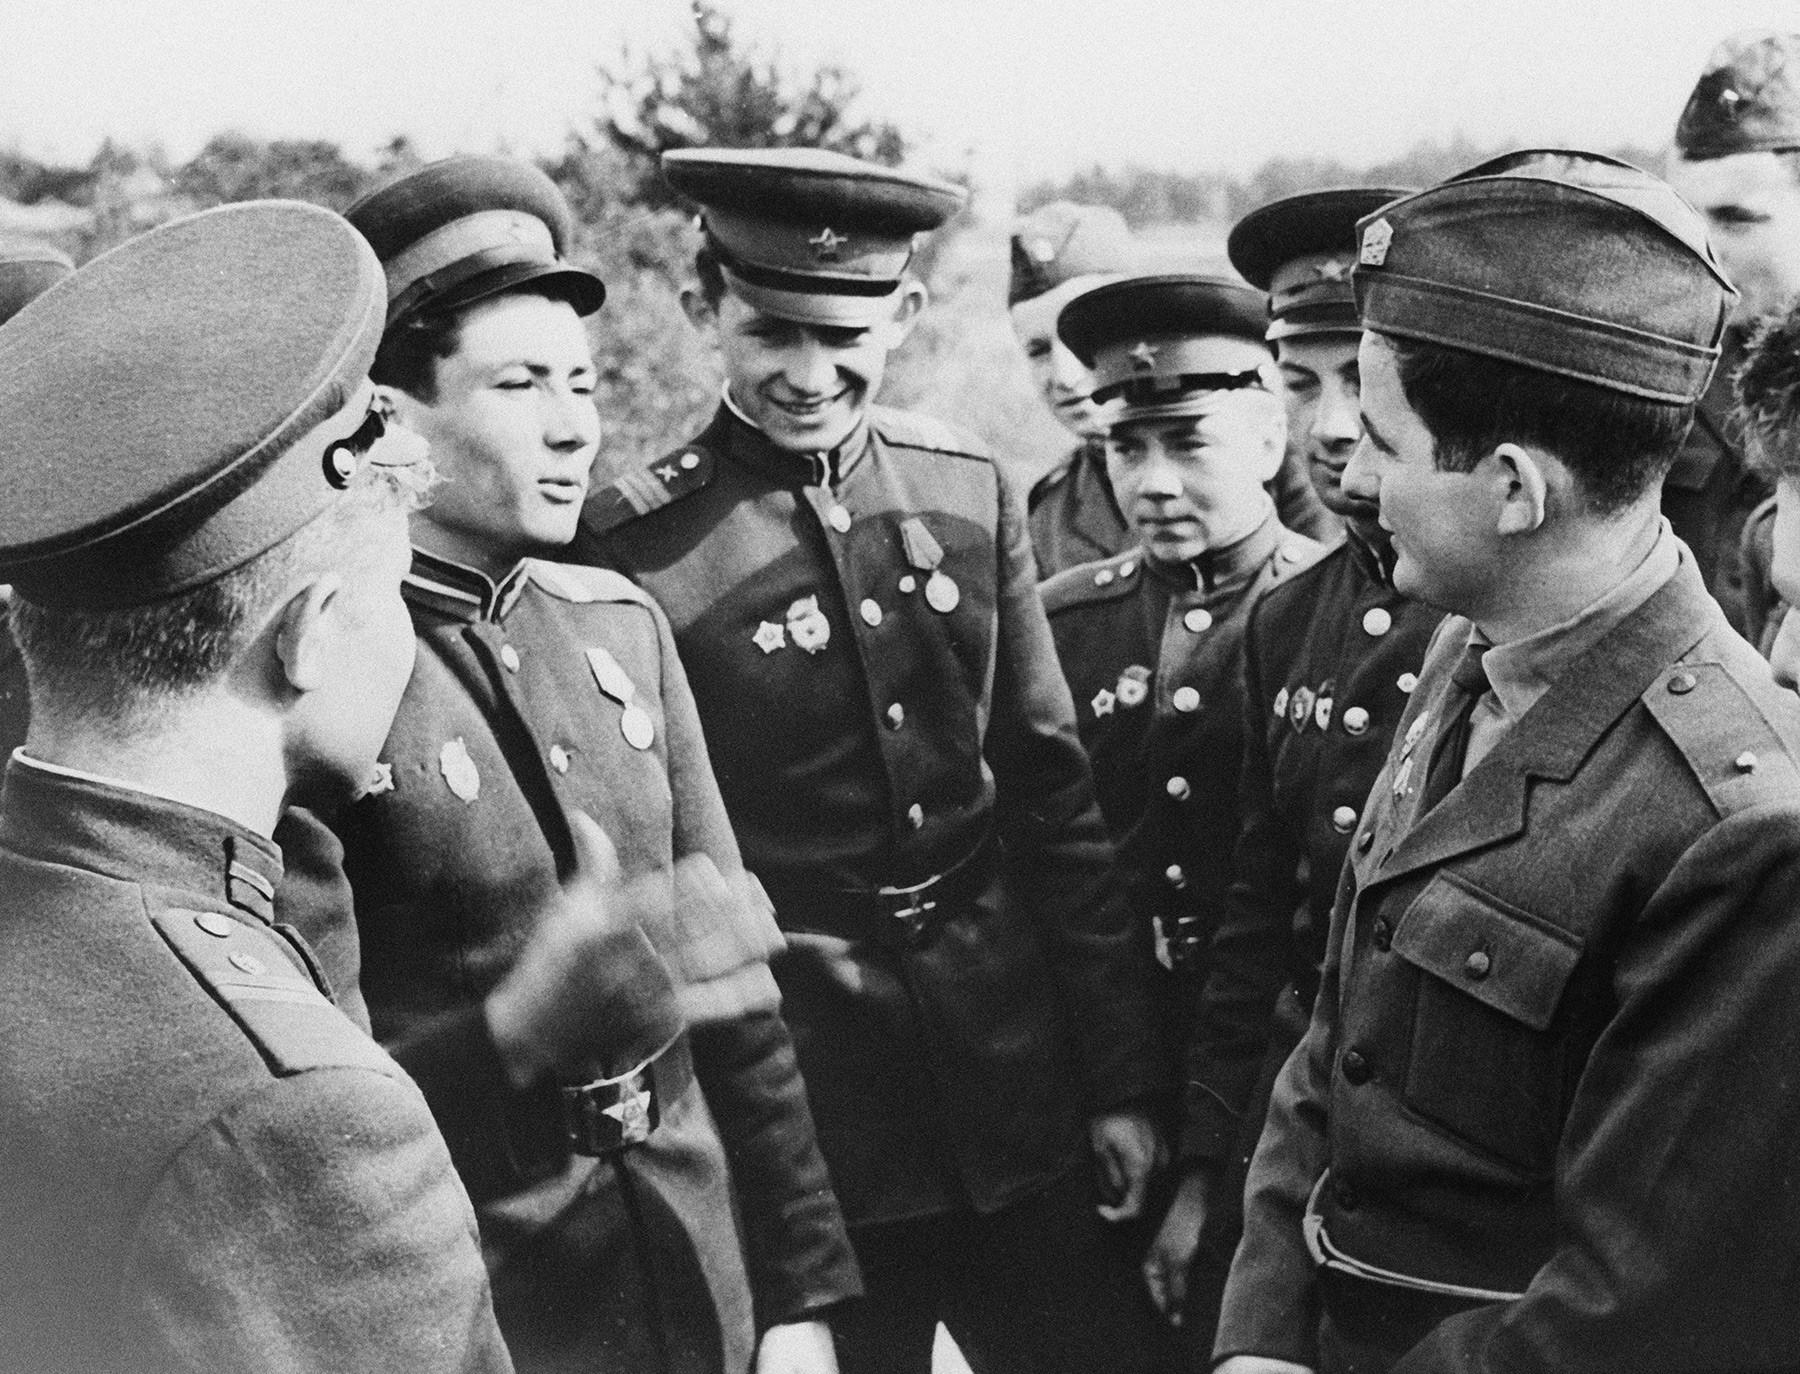 Sovjetski i čehoslovački vojnici na zajedničkim vojnim vježbama Vltava '66.